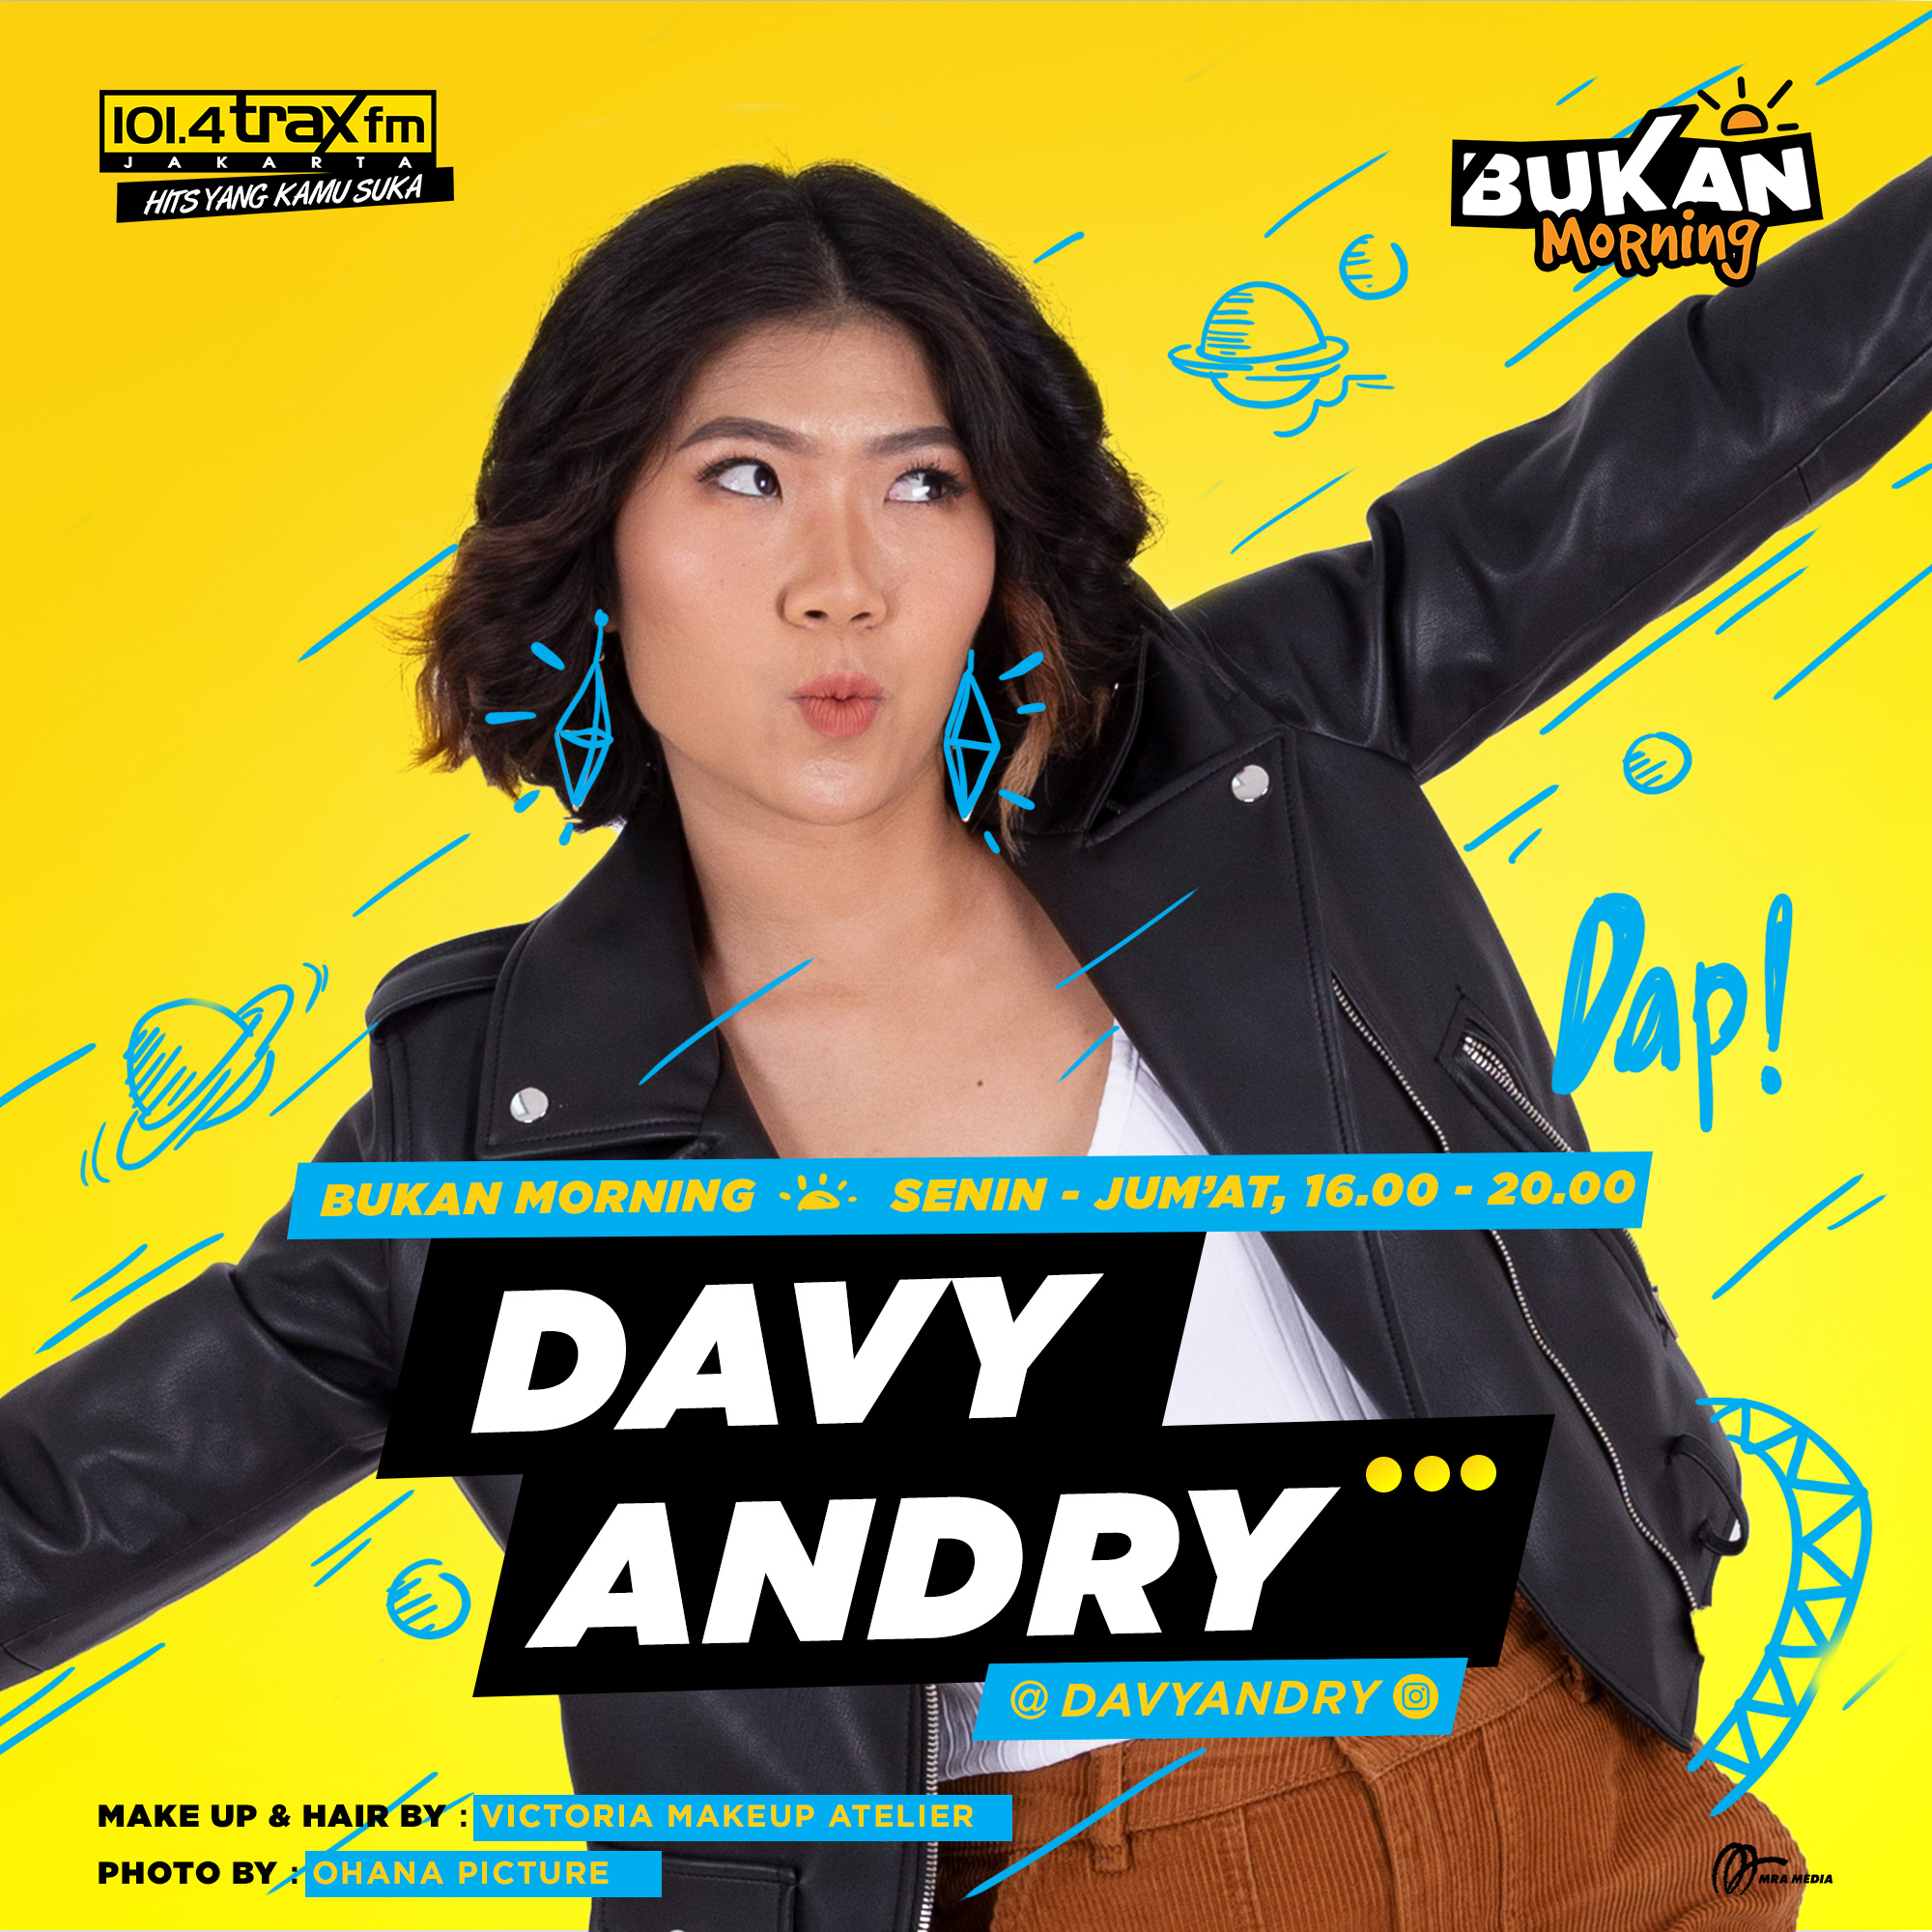 Davy Andry